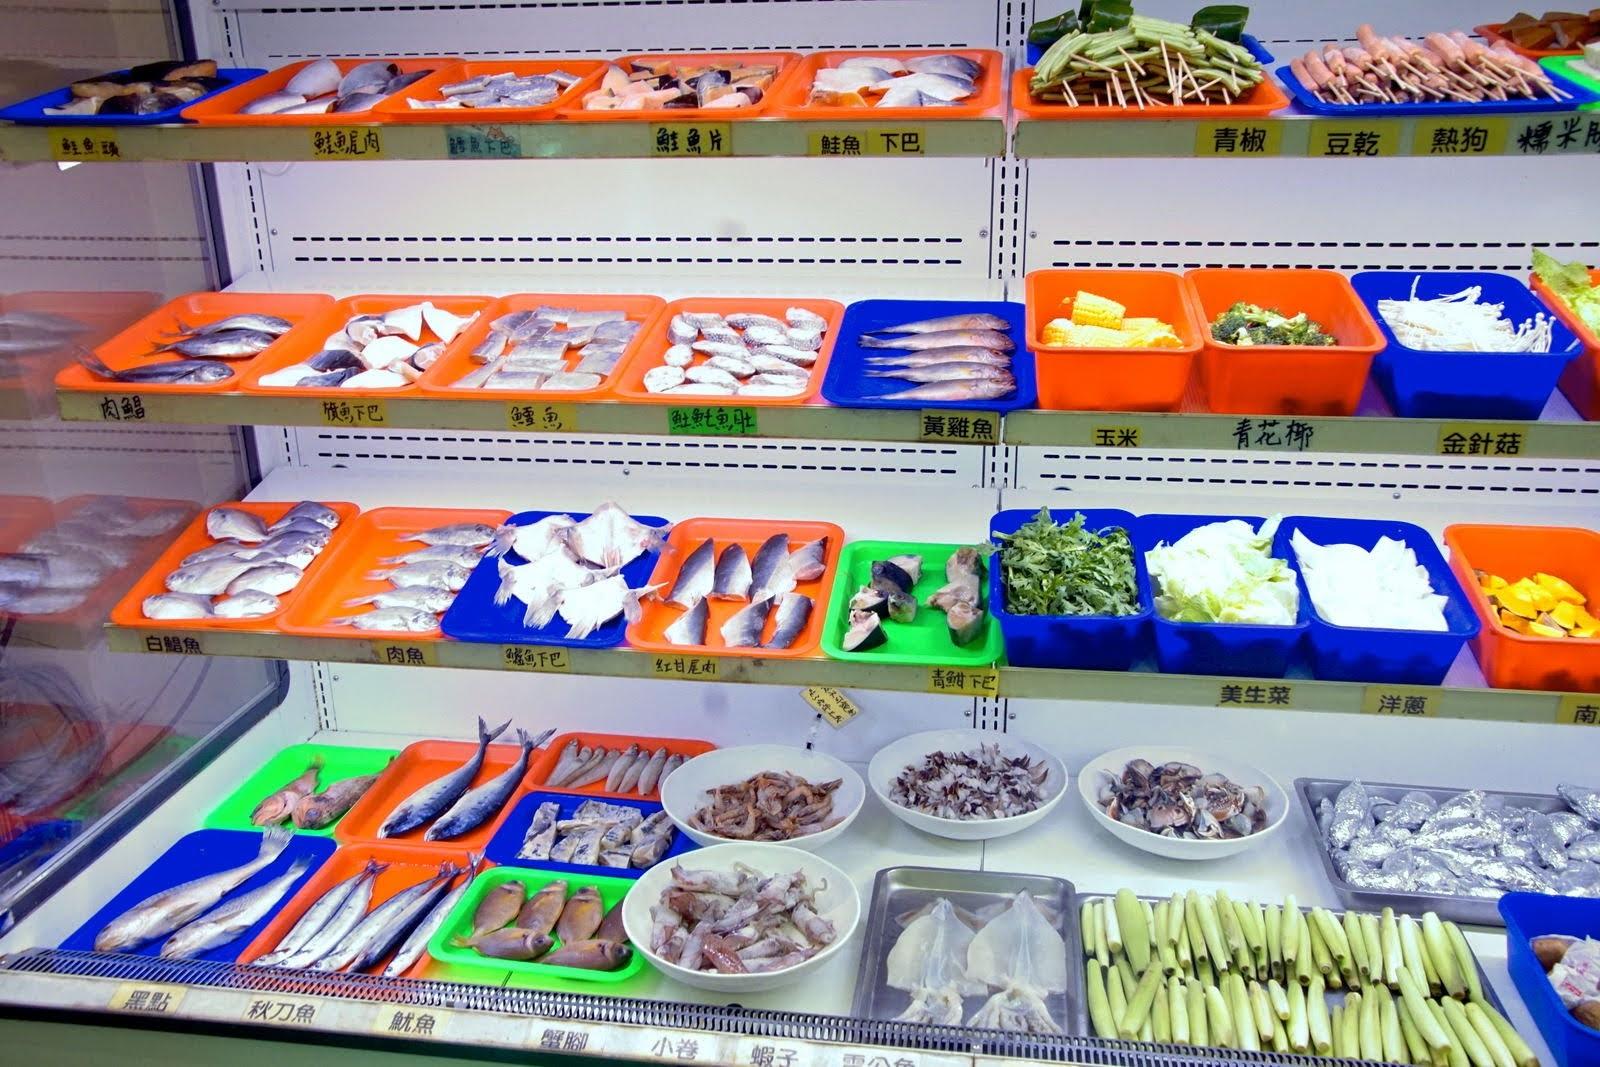 高雄|阿香澎湖炭烤|林園水母公園隱藏版海鮮炭烤吃到飽|當日現釣魚貨、澎湖直送海產吃免驚|食記